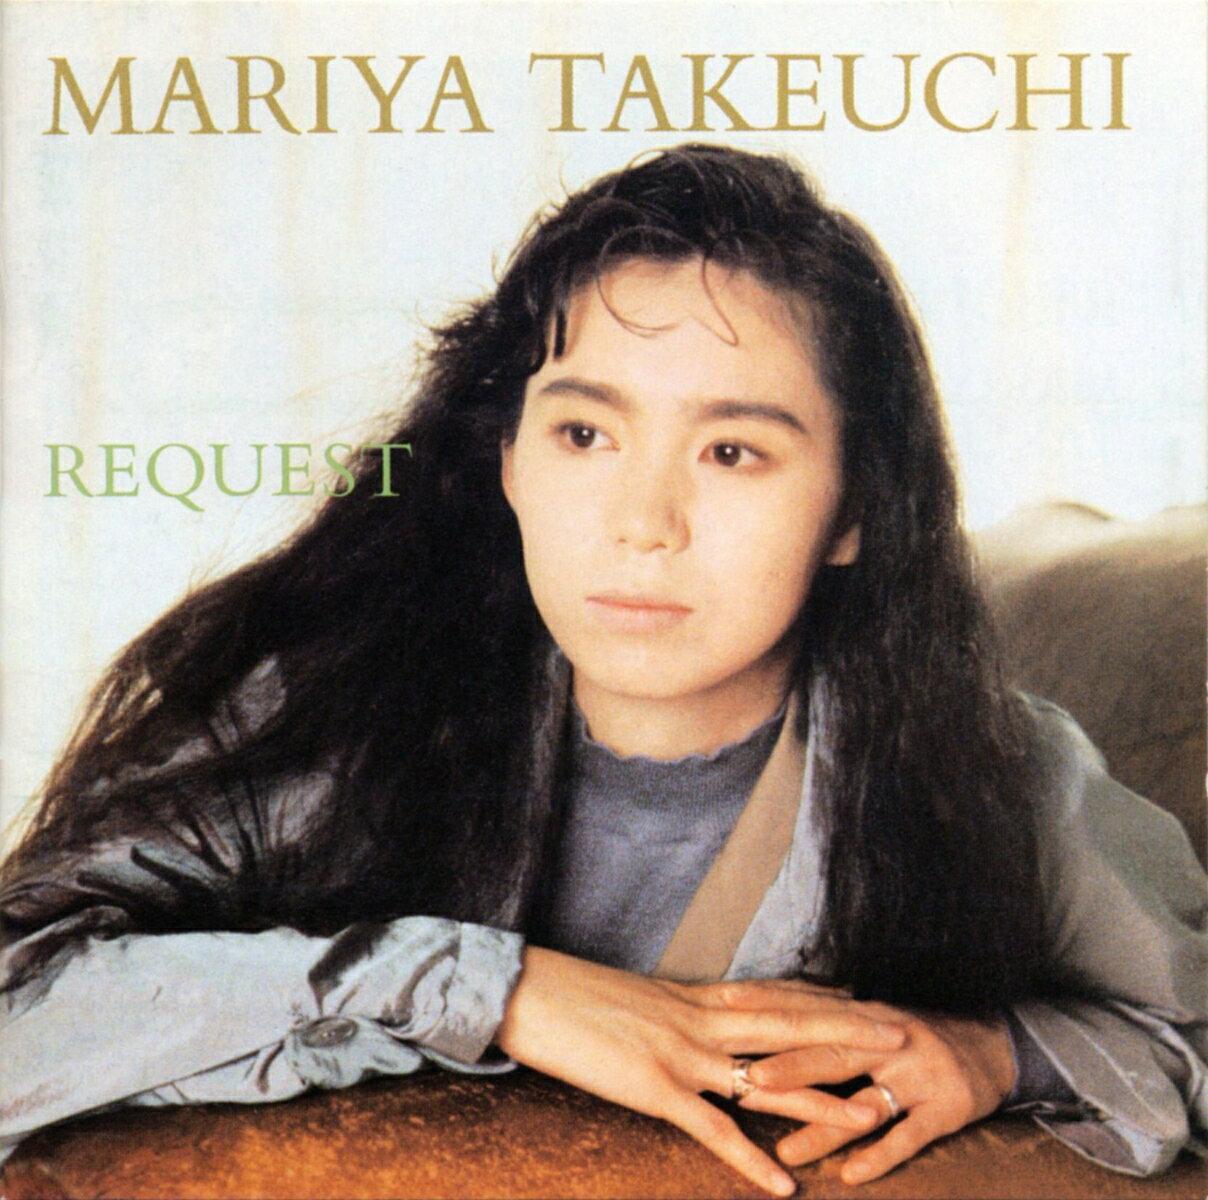 【先着特典】REQUEST -30th Anniversary Edition- (ポストカード付き) [ 竹内まりや ]